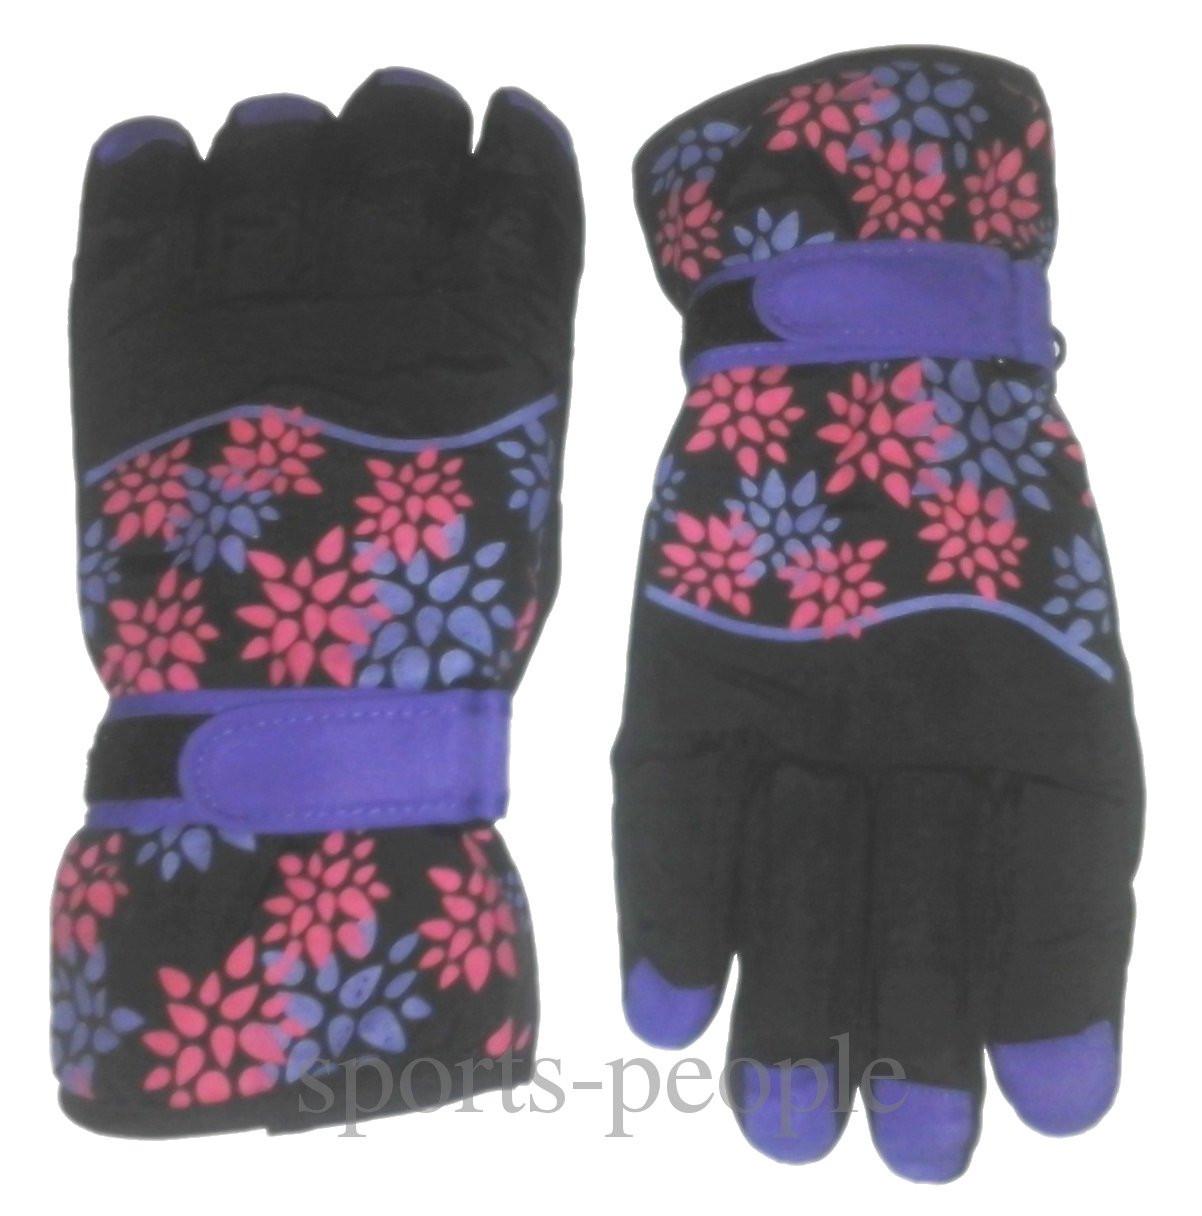 Перчатки горнолыжные Puissant, женские, с цветами, М, черно-сиреневый фон.